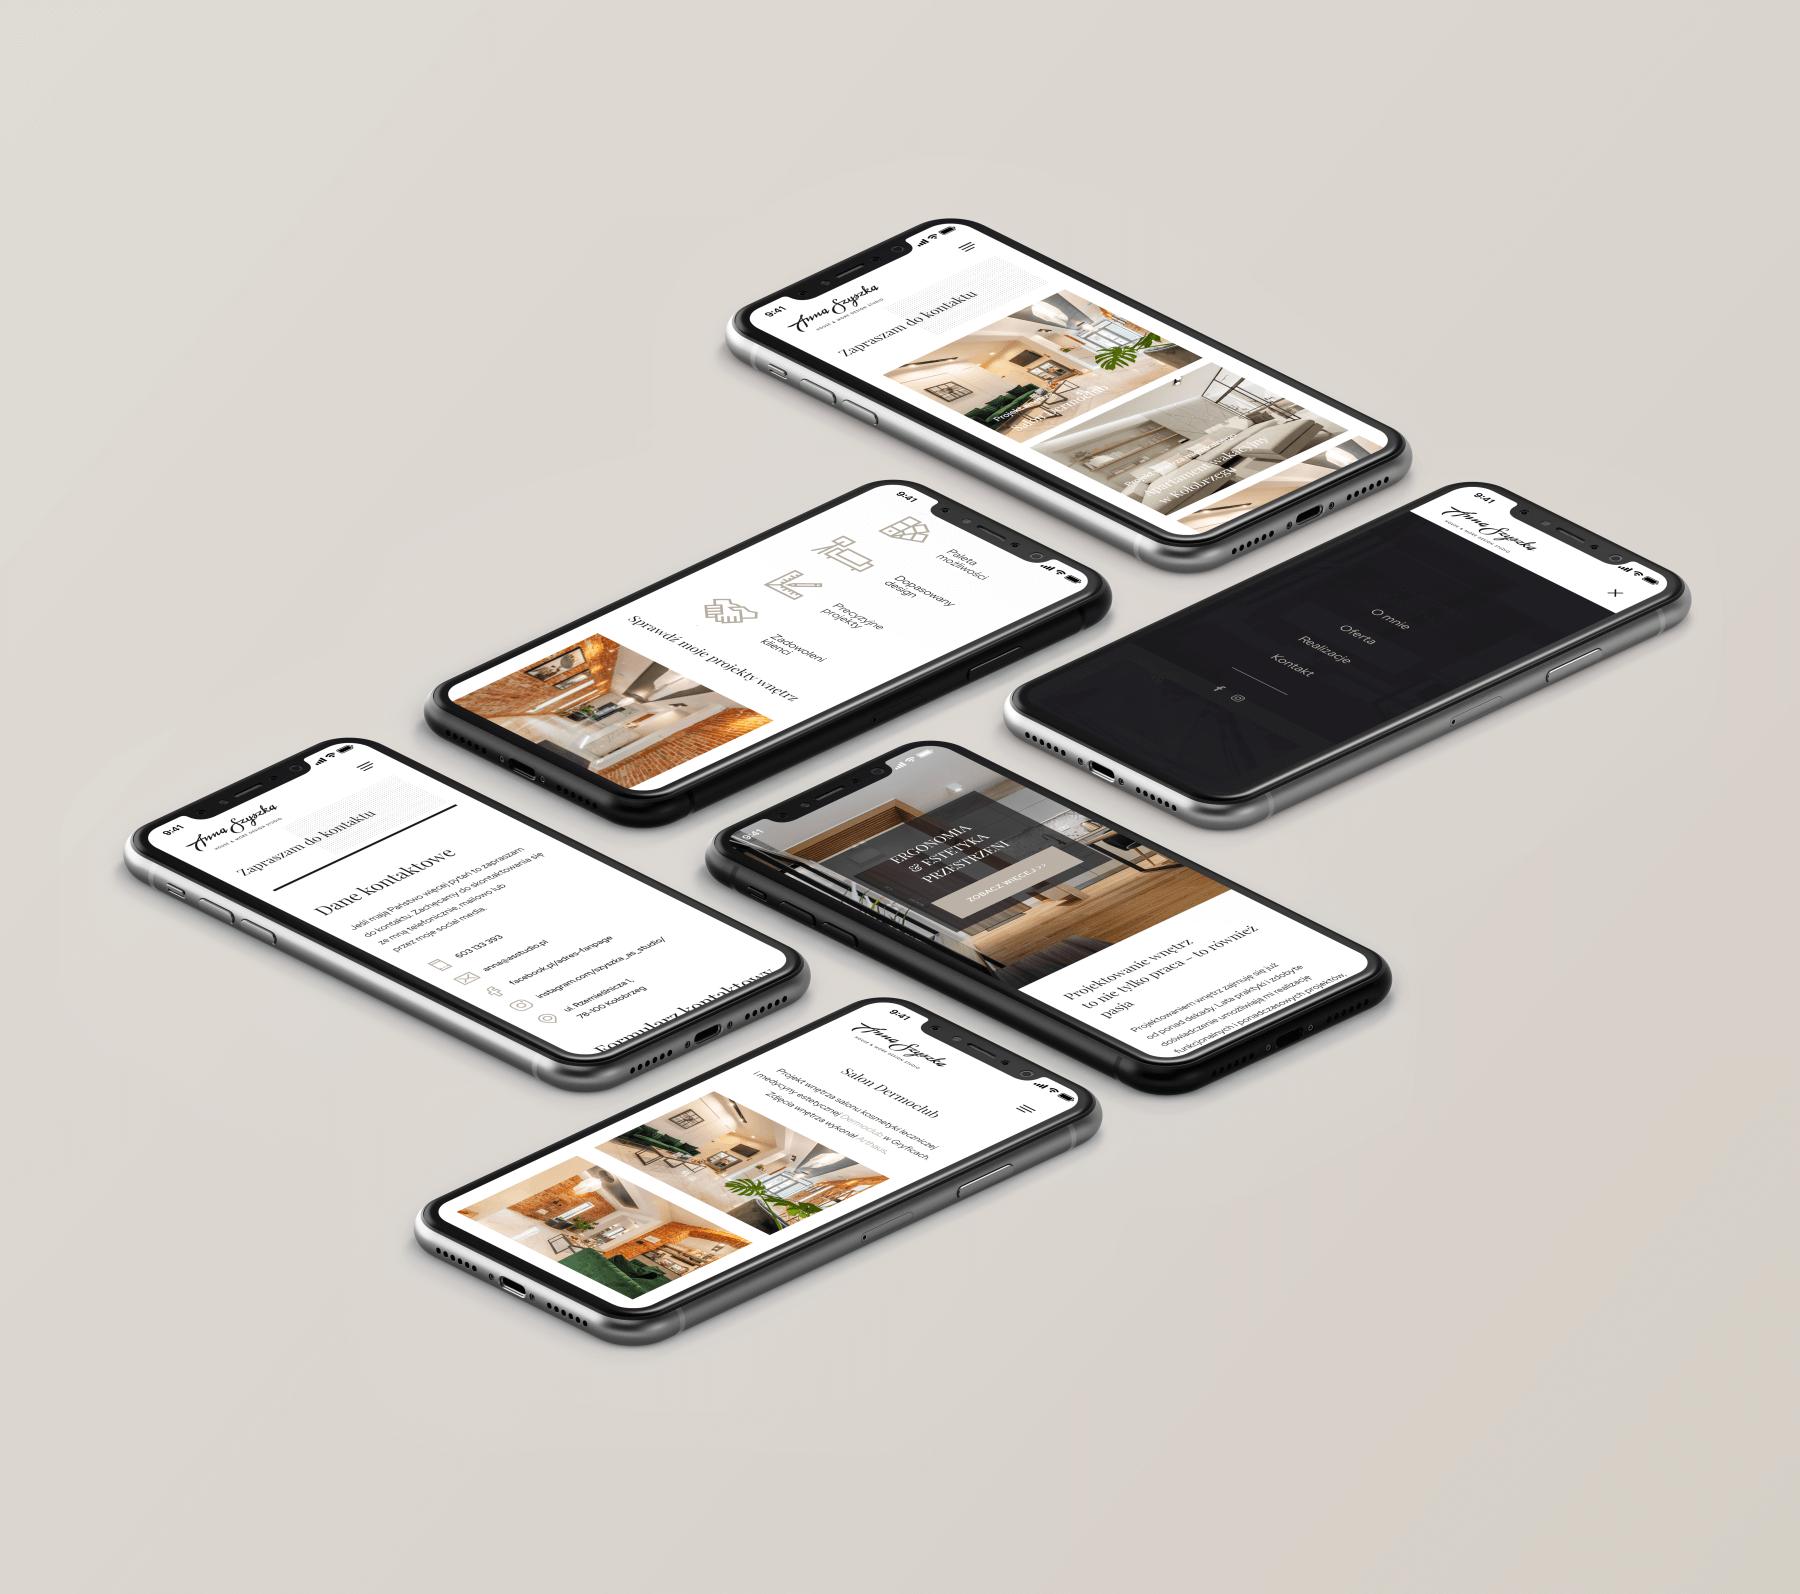 Agenza-projektowanie strony internetowe dla firm zeSzczecina